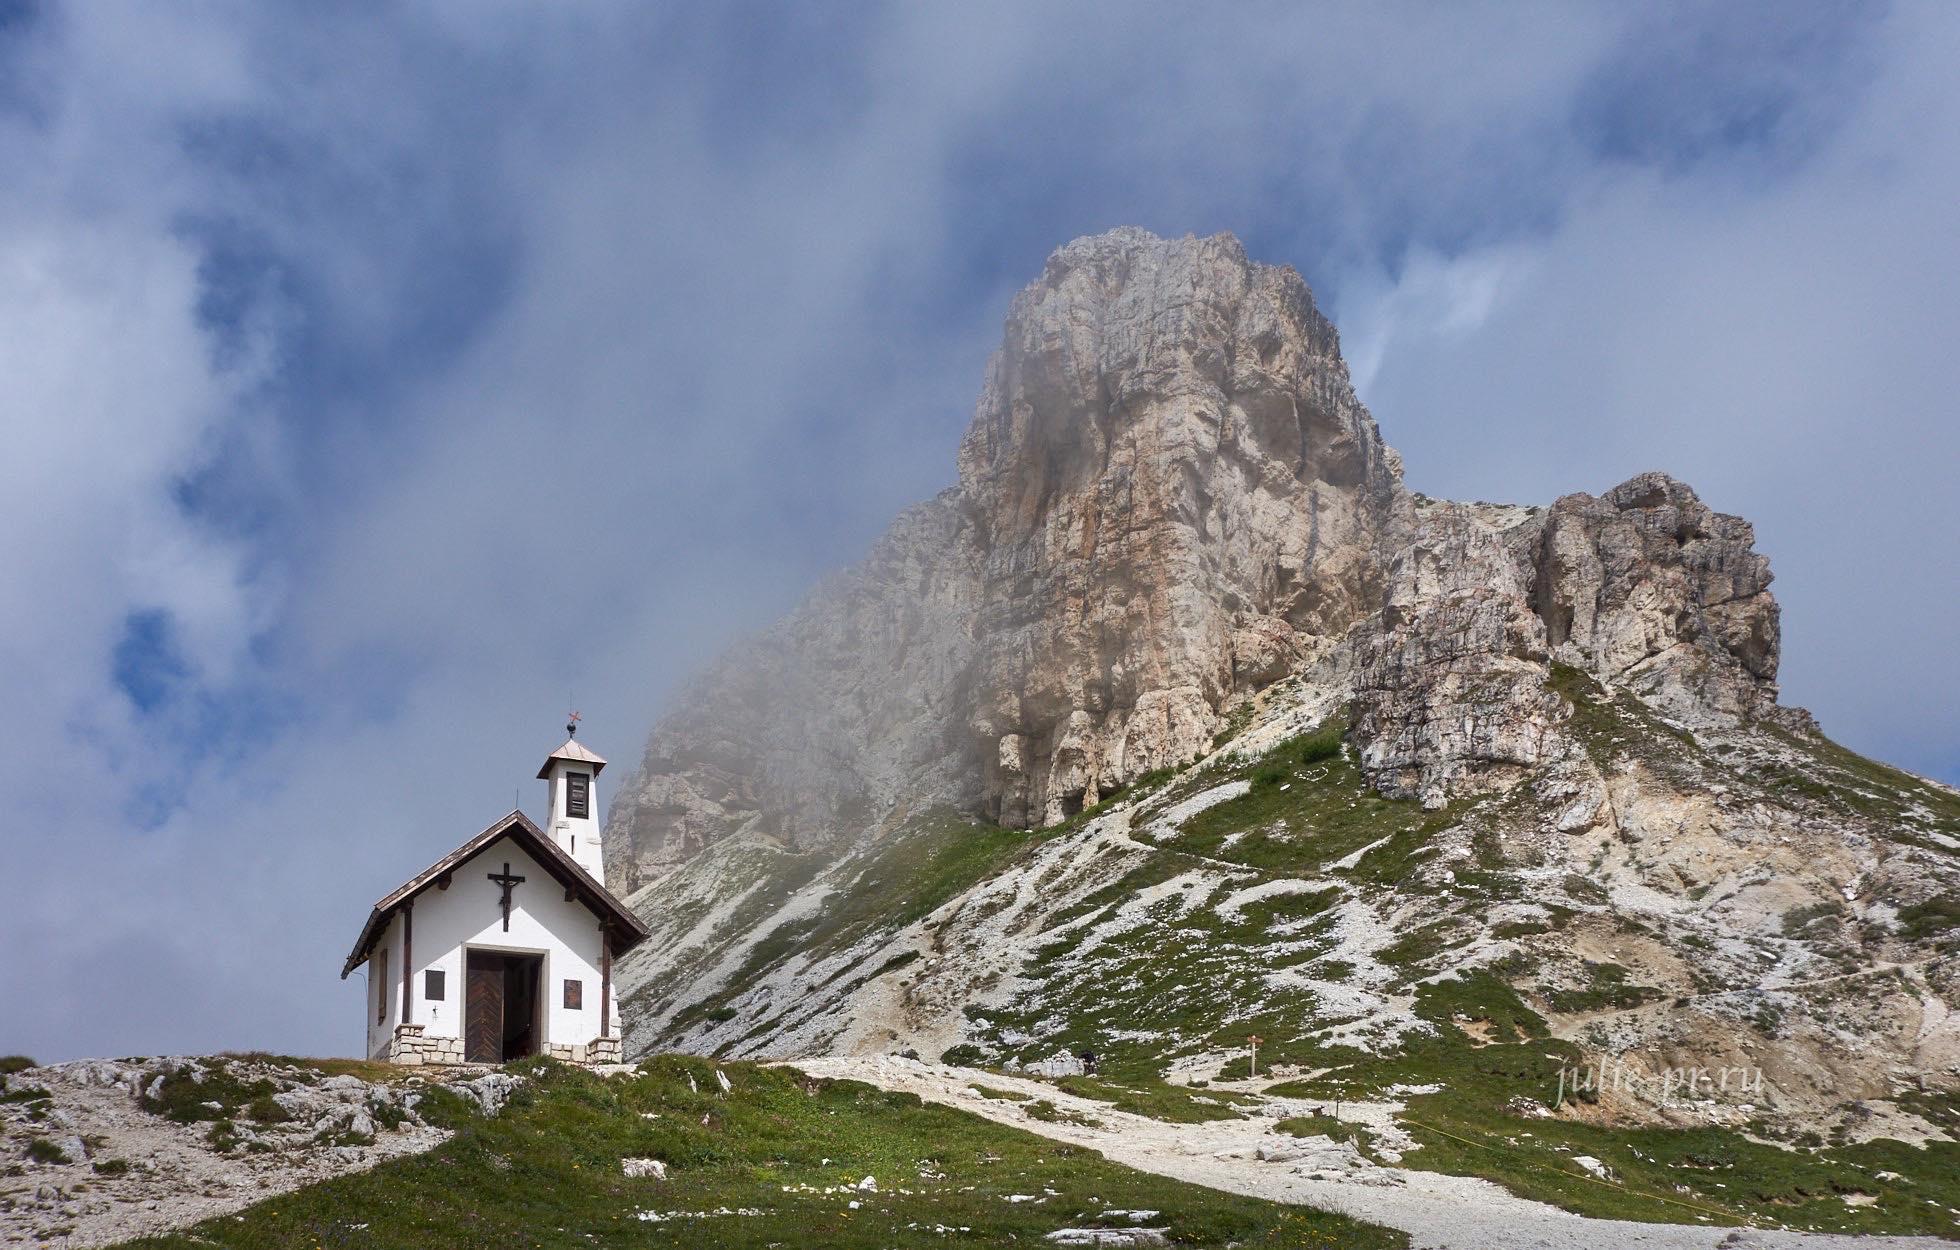 Италия, Альпы, Доломиты, часовня, Rifugio Locatelli